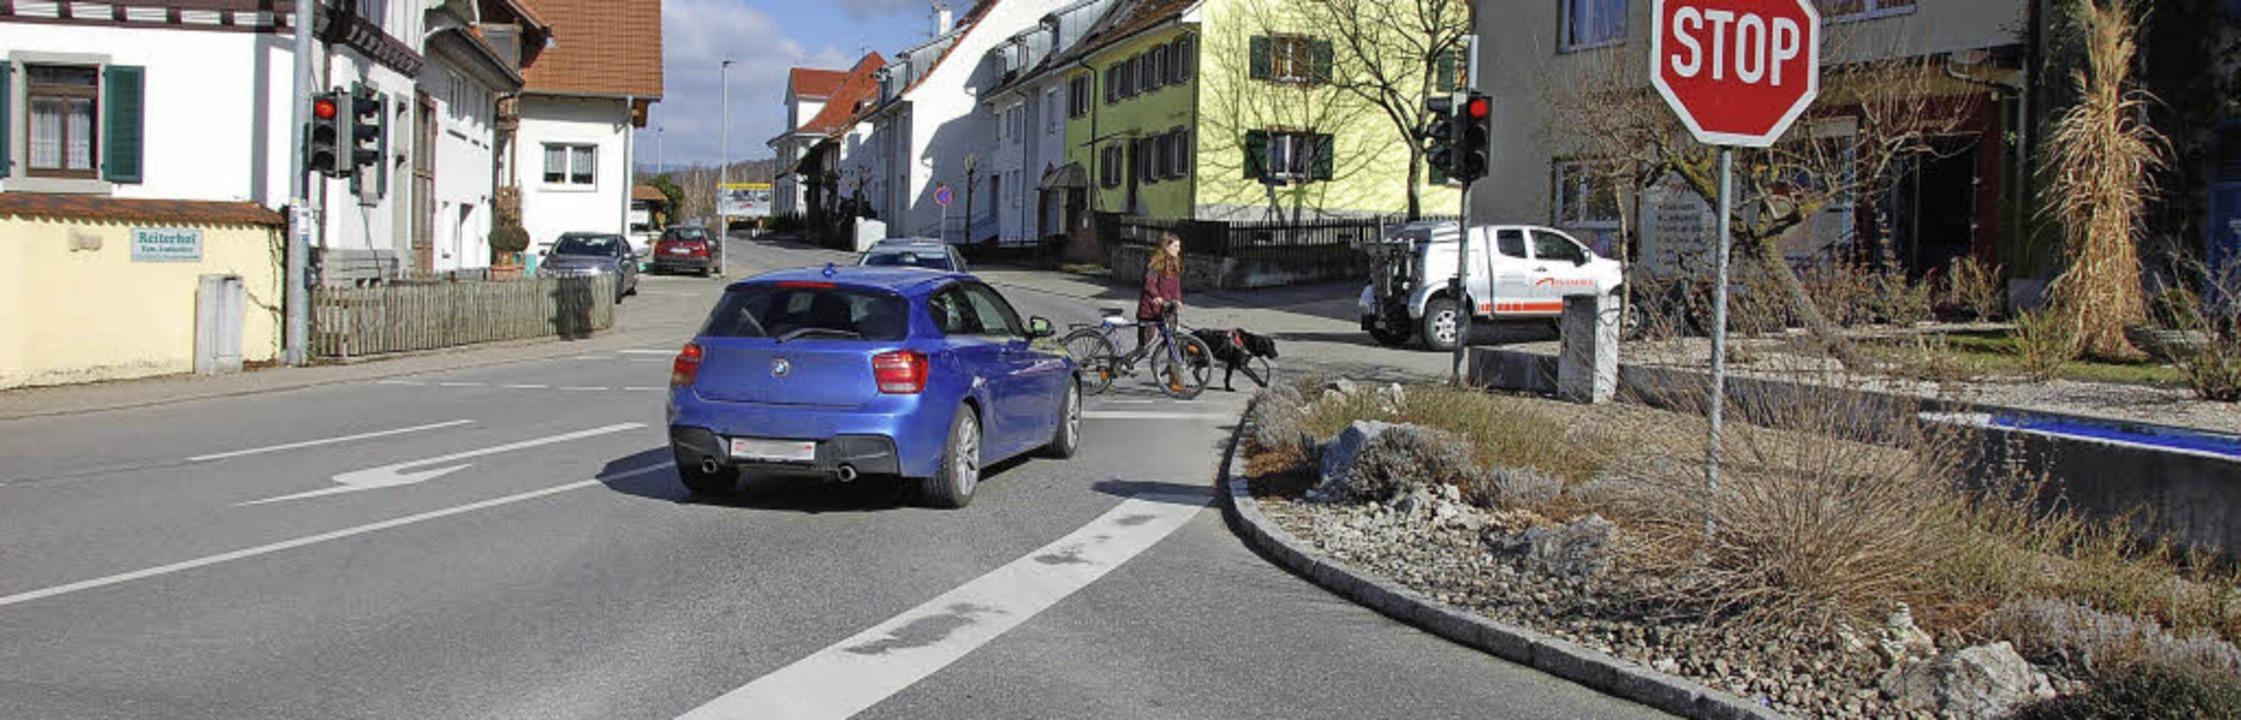 Beim Rechtsabbiegen von der Lörracher ...Zusatzlicht soll dies nun verhindern.     Foto: Frey